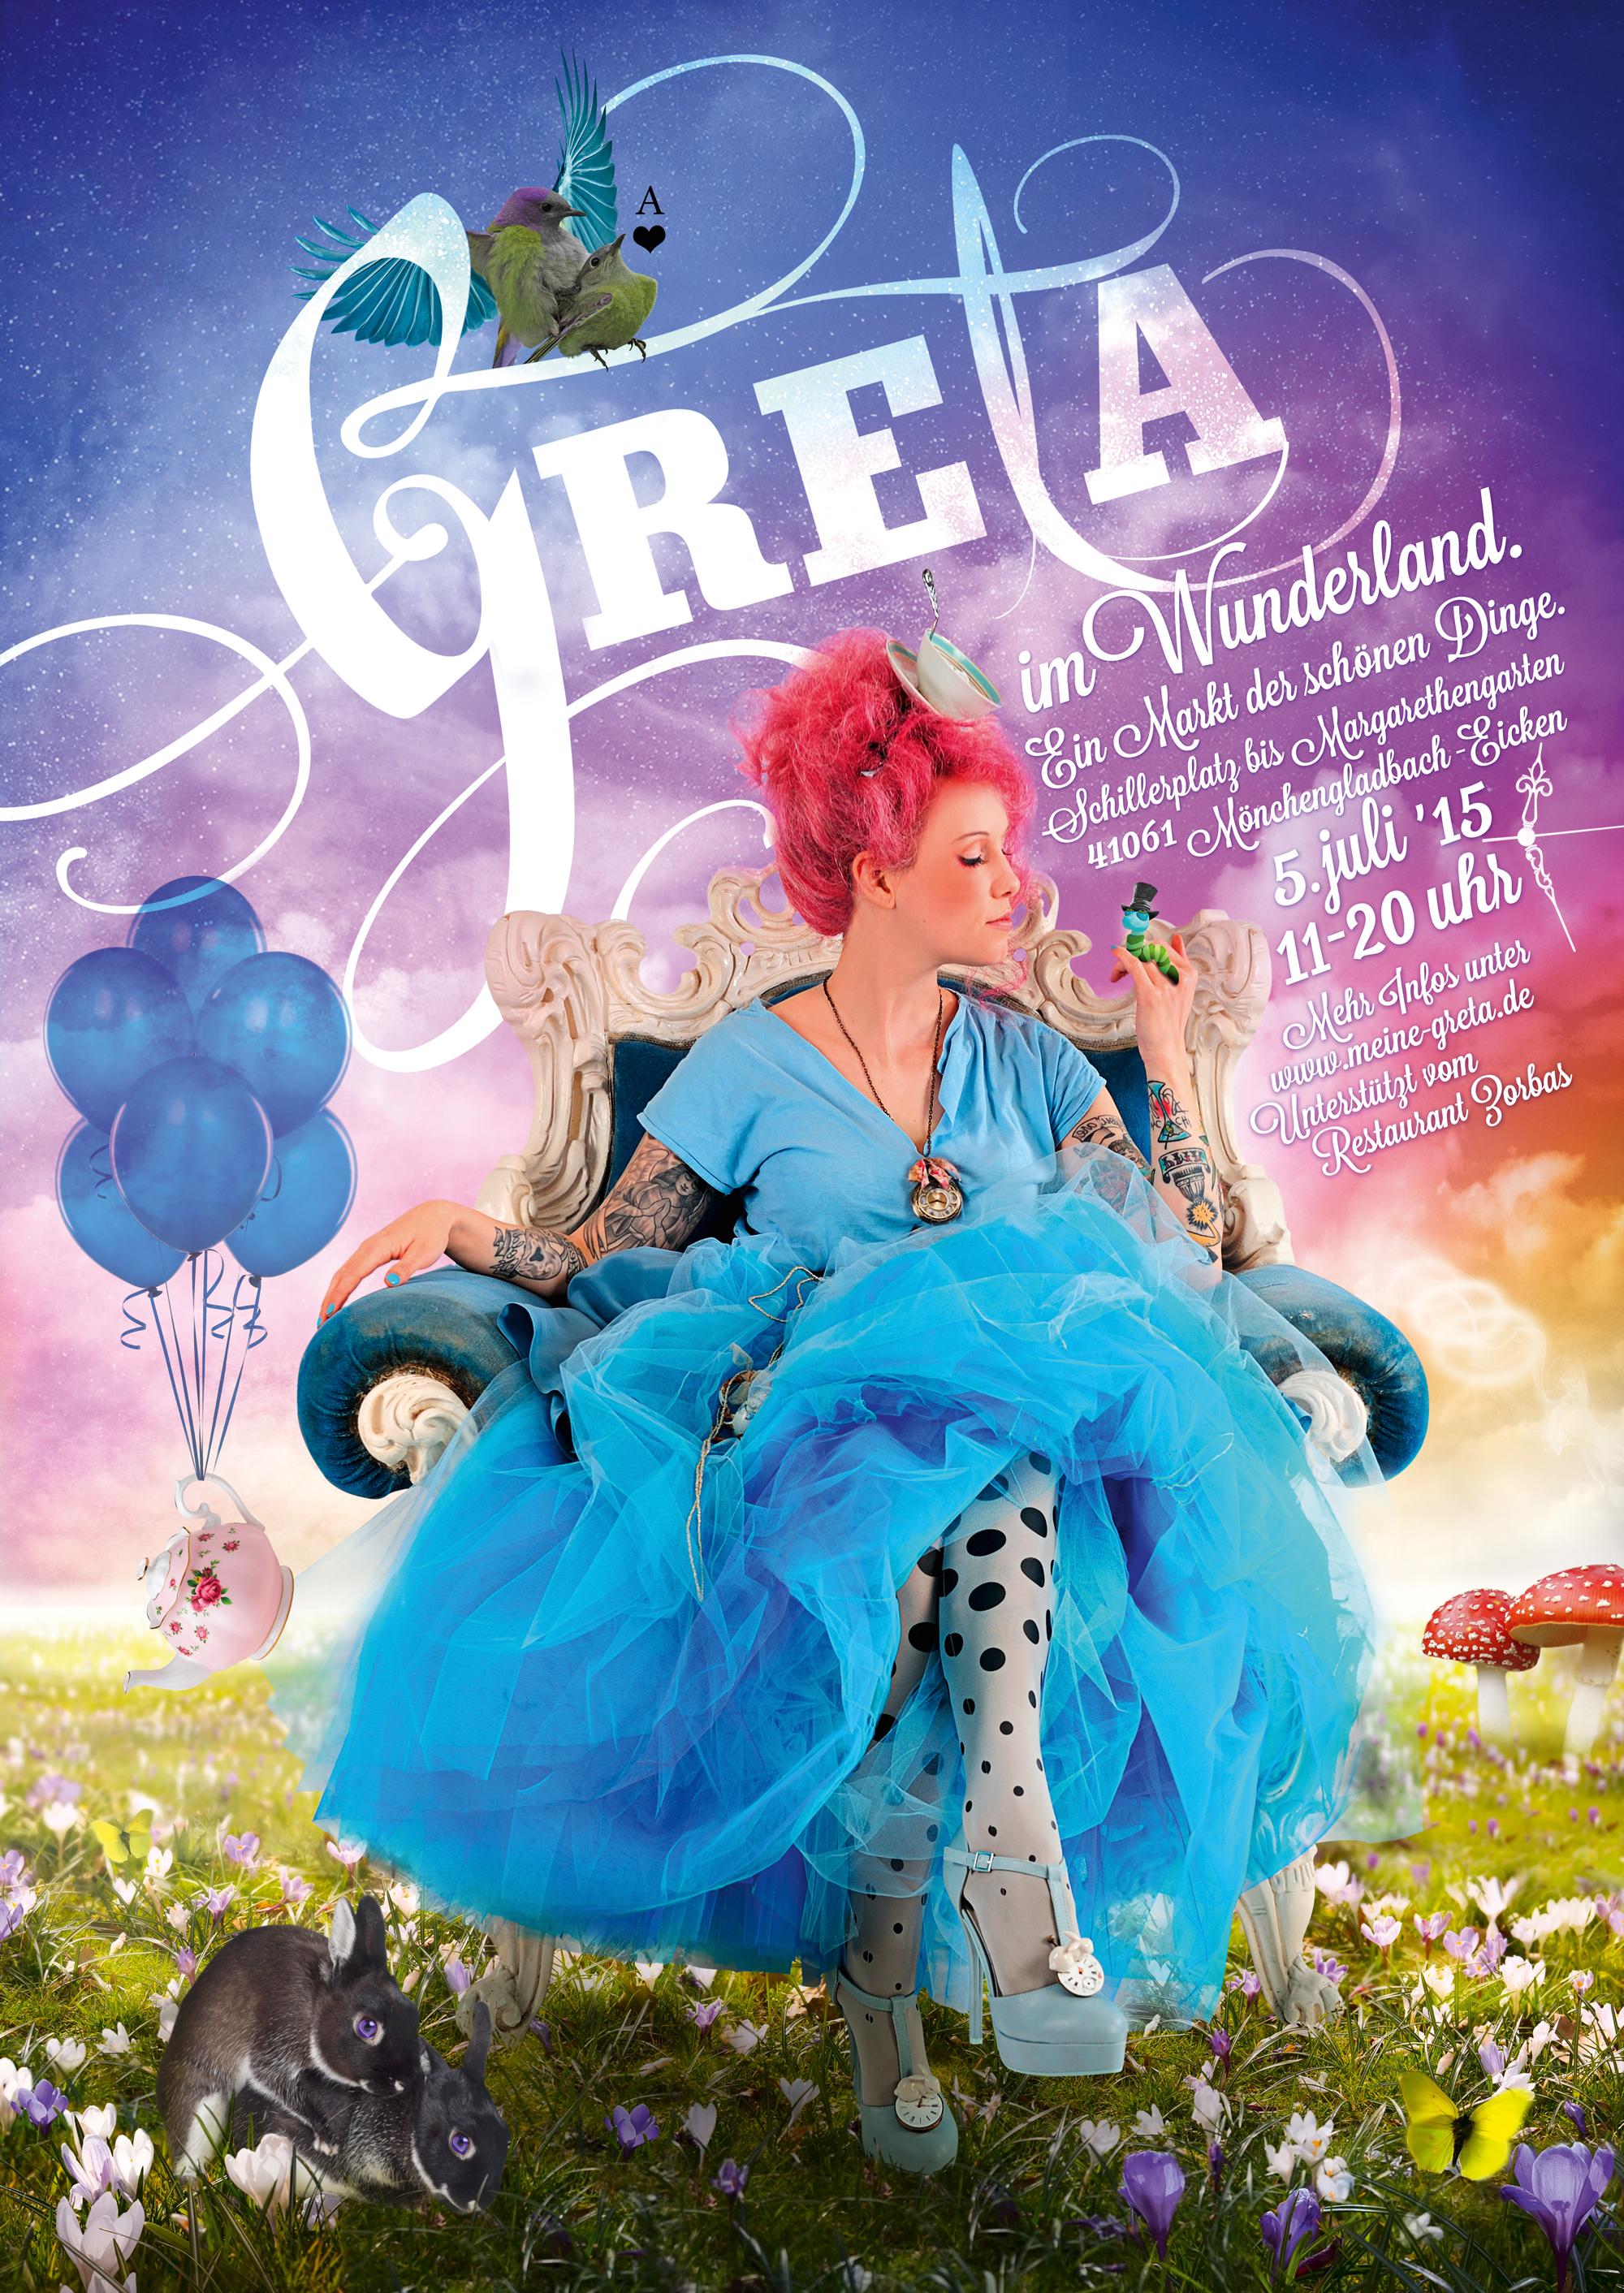 Greta-2015